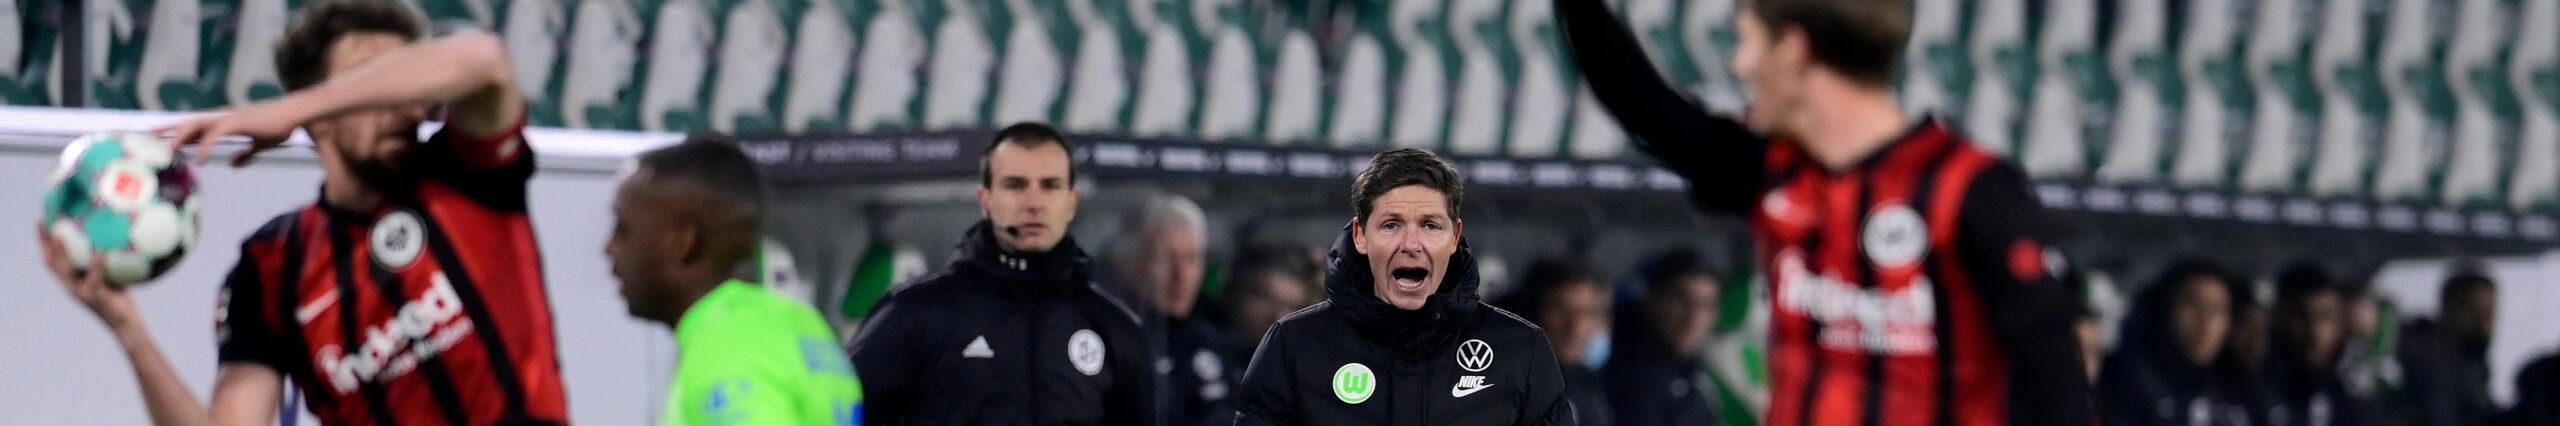 Glasner bei Eintracht Frankfurt: Das sollte passen